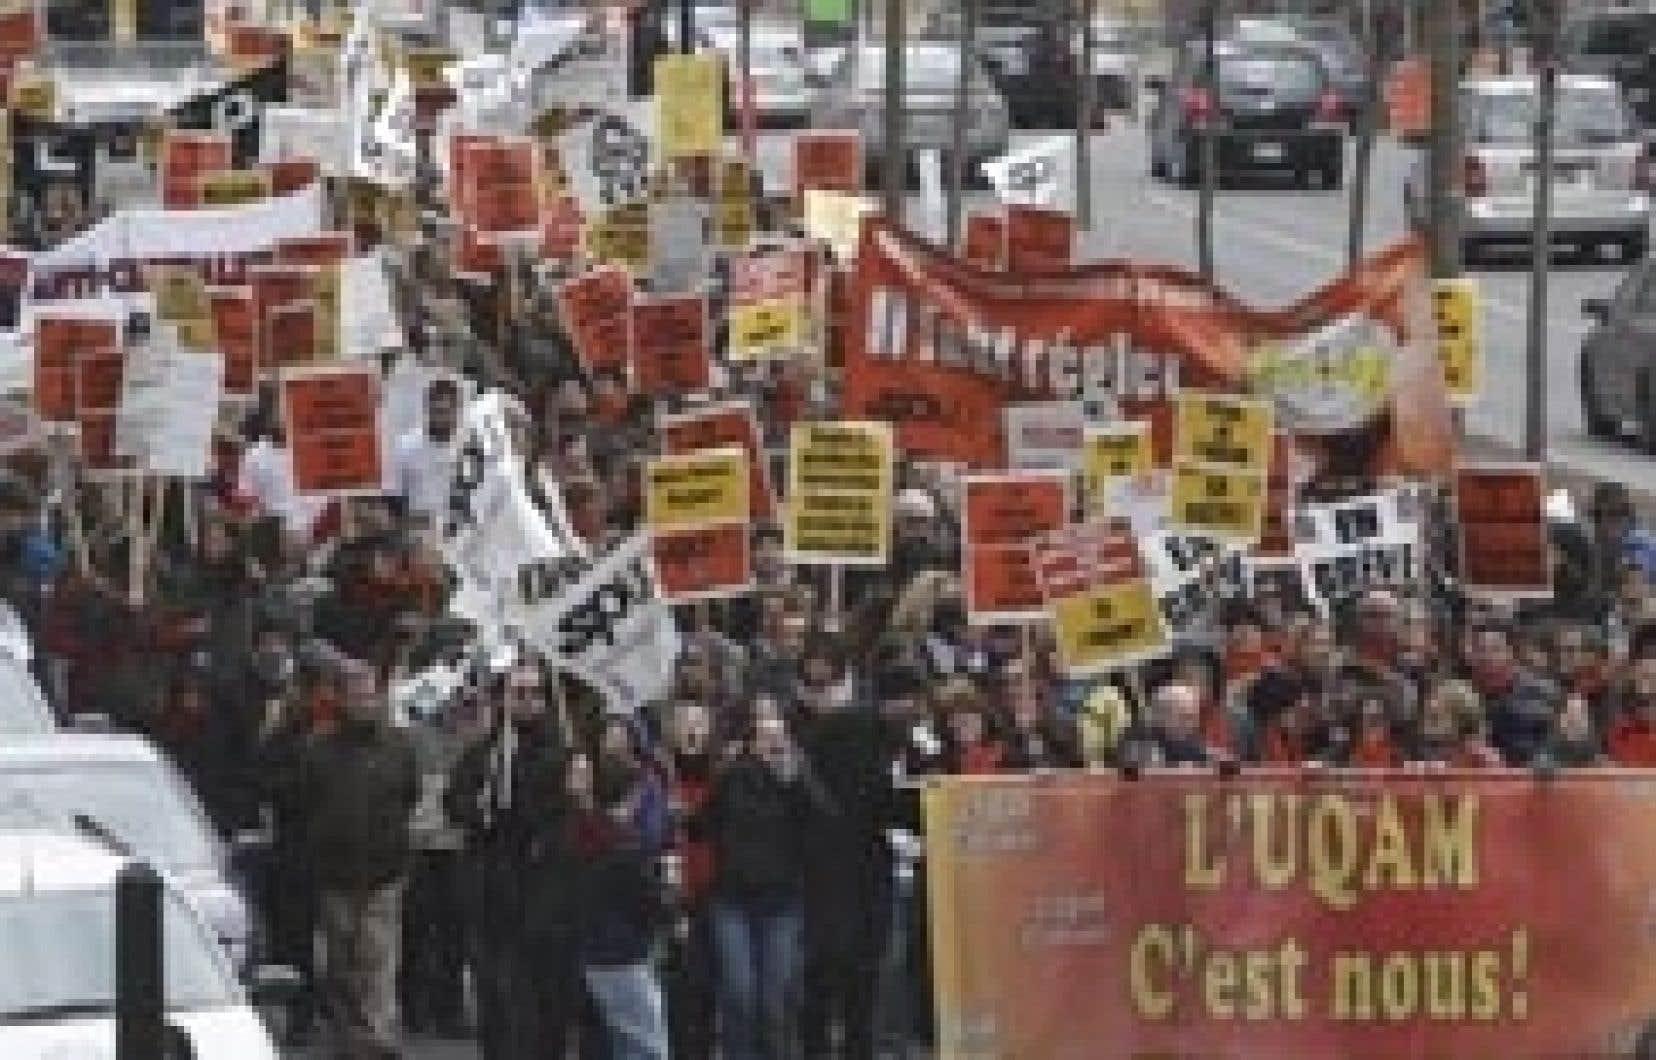 En avant-midi hier, quelques centaines de professeurs, d'employés de soutien et d'étudiants de l'UQAM ont manifesté pour exiger un financement adéquat pour leur université.